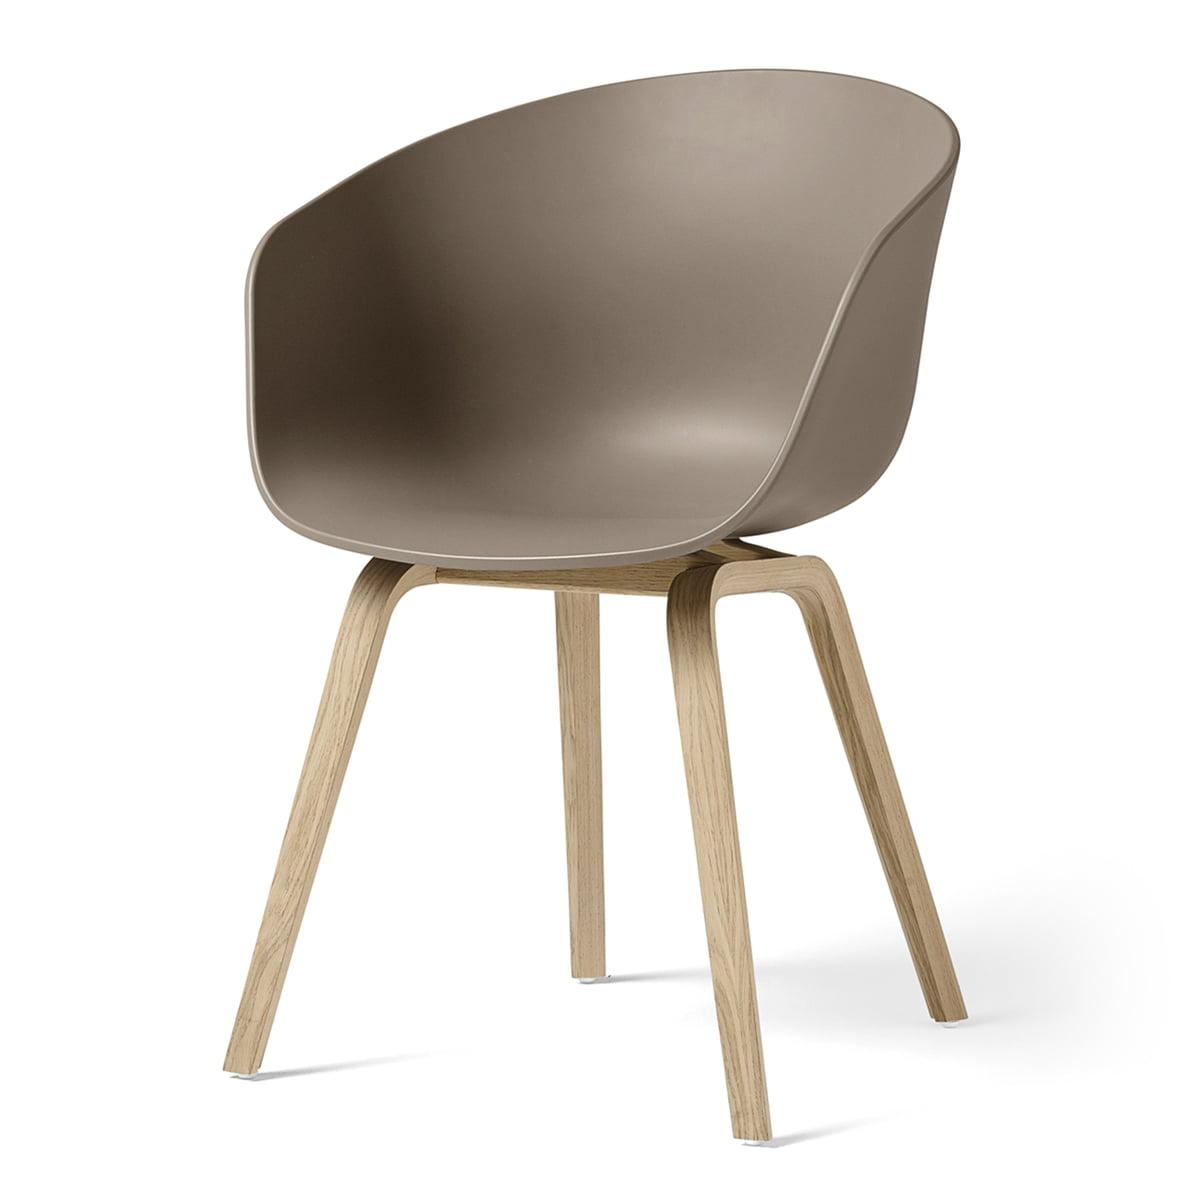 Hay - About A Chair AAC 22, structure quatre pieds en bois (chêne laqué mat) / kaki, patins en feutre